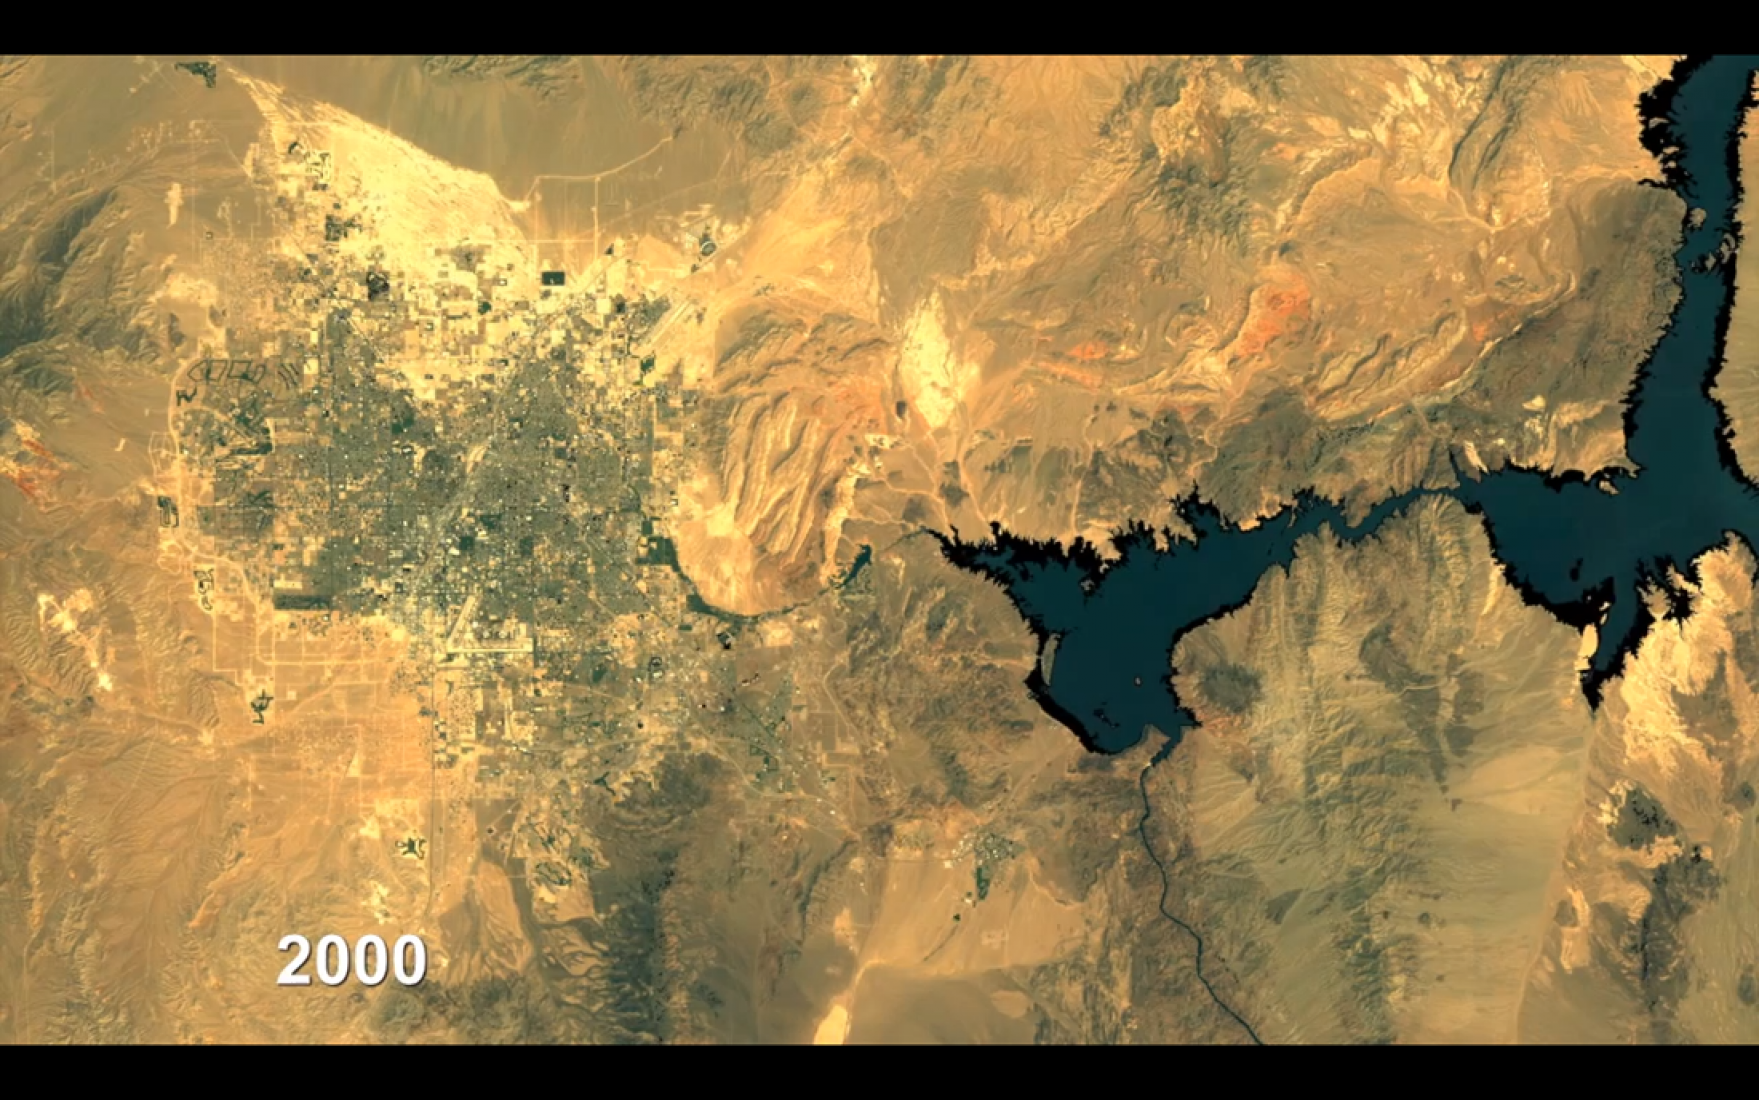 Expansión Urbana de las Vegas en el 2000. Por Google Earth Outreach.Urban Expansion, 2000. By Google Earth Outreach.